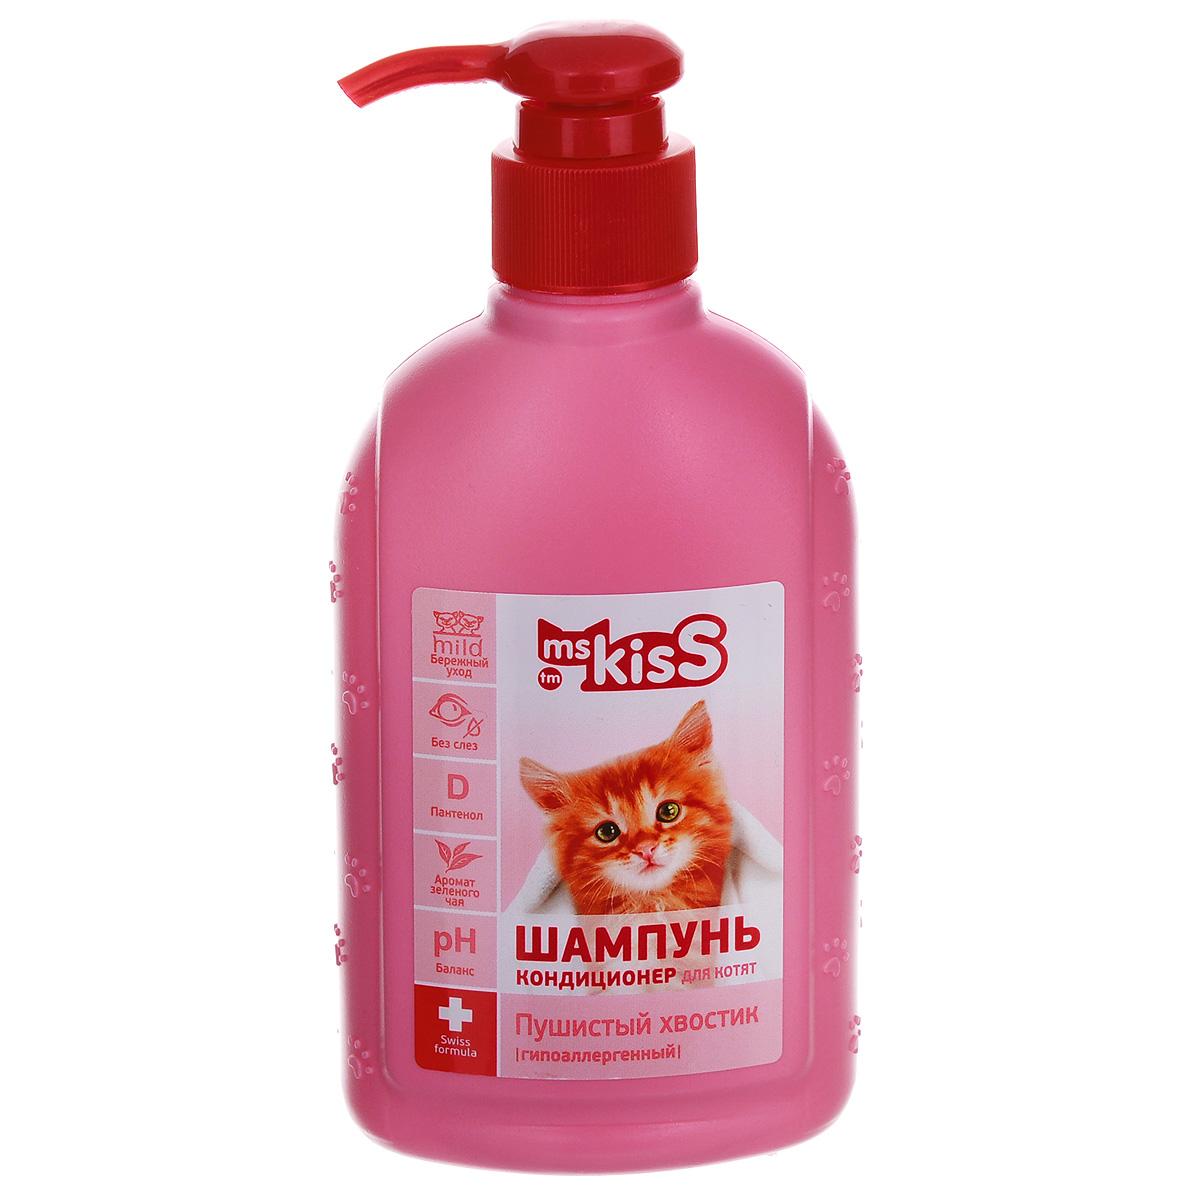 Шампунь-кондиционер для котят Ms.Kiss Пушистый хвостик, 200 млMK05-00240Шампунь-кондиционер Ms.Kiss Пушистый хвостик предназначен для мытья котят, а также стареющих котов и кошек, у которых может быть аллергия на обычные шампуни. Является косметико-гигиеническим средством для ухода за кожно-волосяным покровом котят. Он питает и увлажняет кожу, снимая зуд, шелушение и раздражение, стимулирует регенерацию клеток эпидермиса, укрепляет корни волос, способствует гибкости и эластичности волоса, придает блеск волосяному покрову. Способ применения: Небольшое количество шампуня-кондиционера наносят на влажную шерсть животного массирующими движениями до образования густой пены в течение нескольких минут. Затем шерсть тщательно промывают водой и высушивают полотенцем или при помощи фена. Противопоказания: Индивидуальная повышенная чувствительность животного к компонентам шампуня- кондиционера. Условия хранения: В сухом, защищенном от прямых солнечных лучей и недоступном для детей и животных...